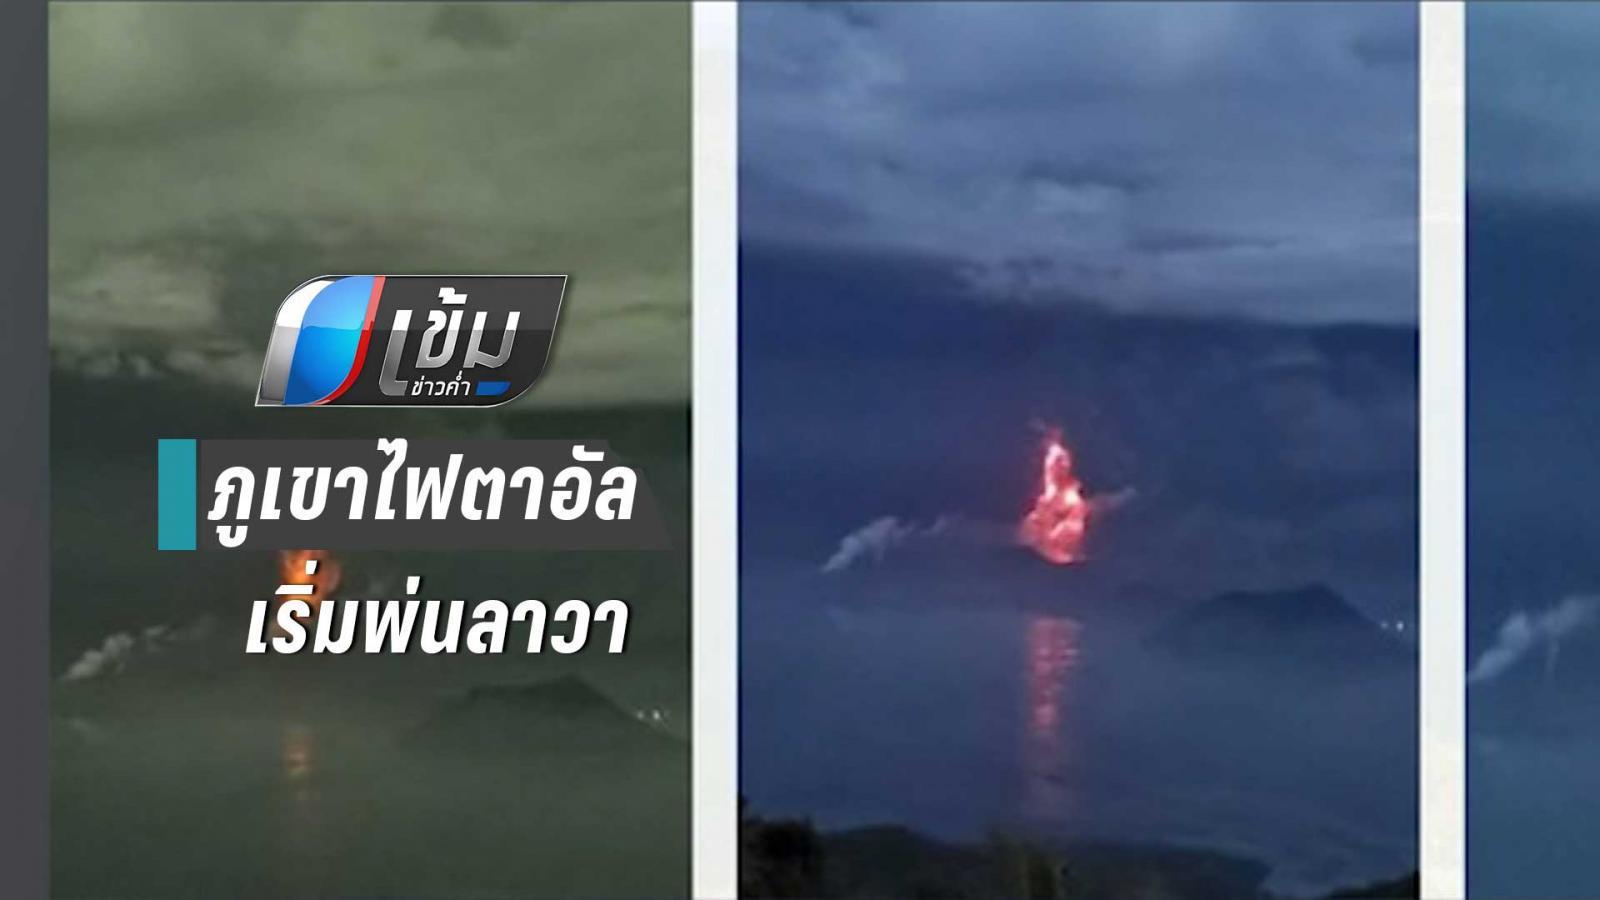 """""""ภูเขาไฟตาอัล"""" ในฟิลิปปินส์เริ่มพ่นลาวา หวั่นระเบิดรุนแรง"""